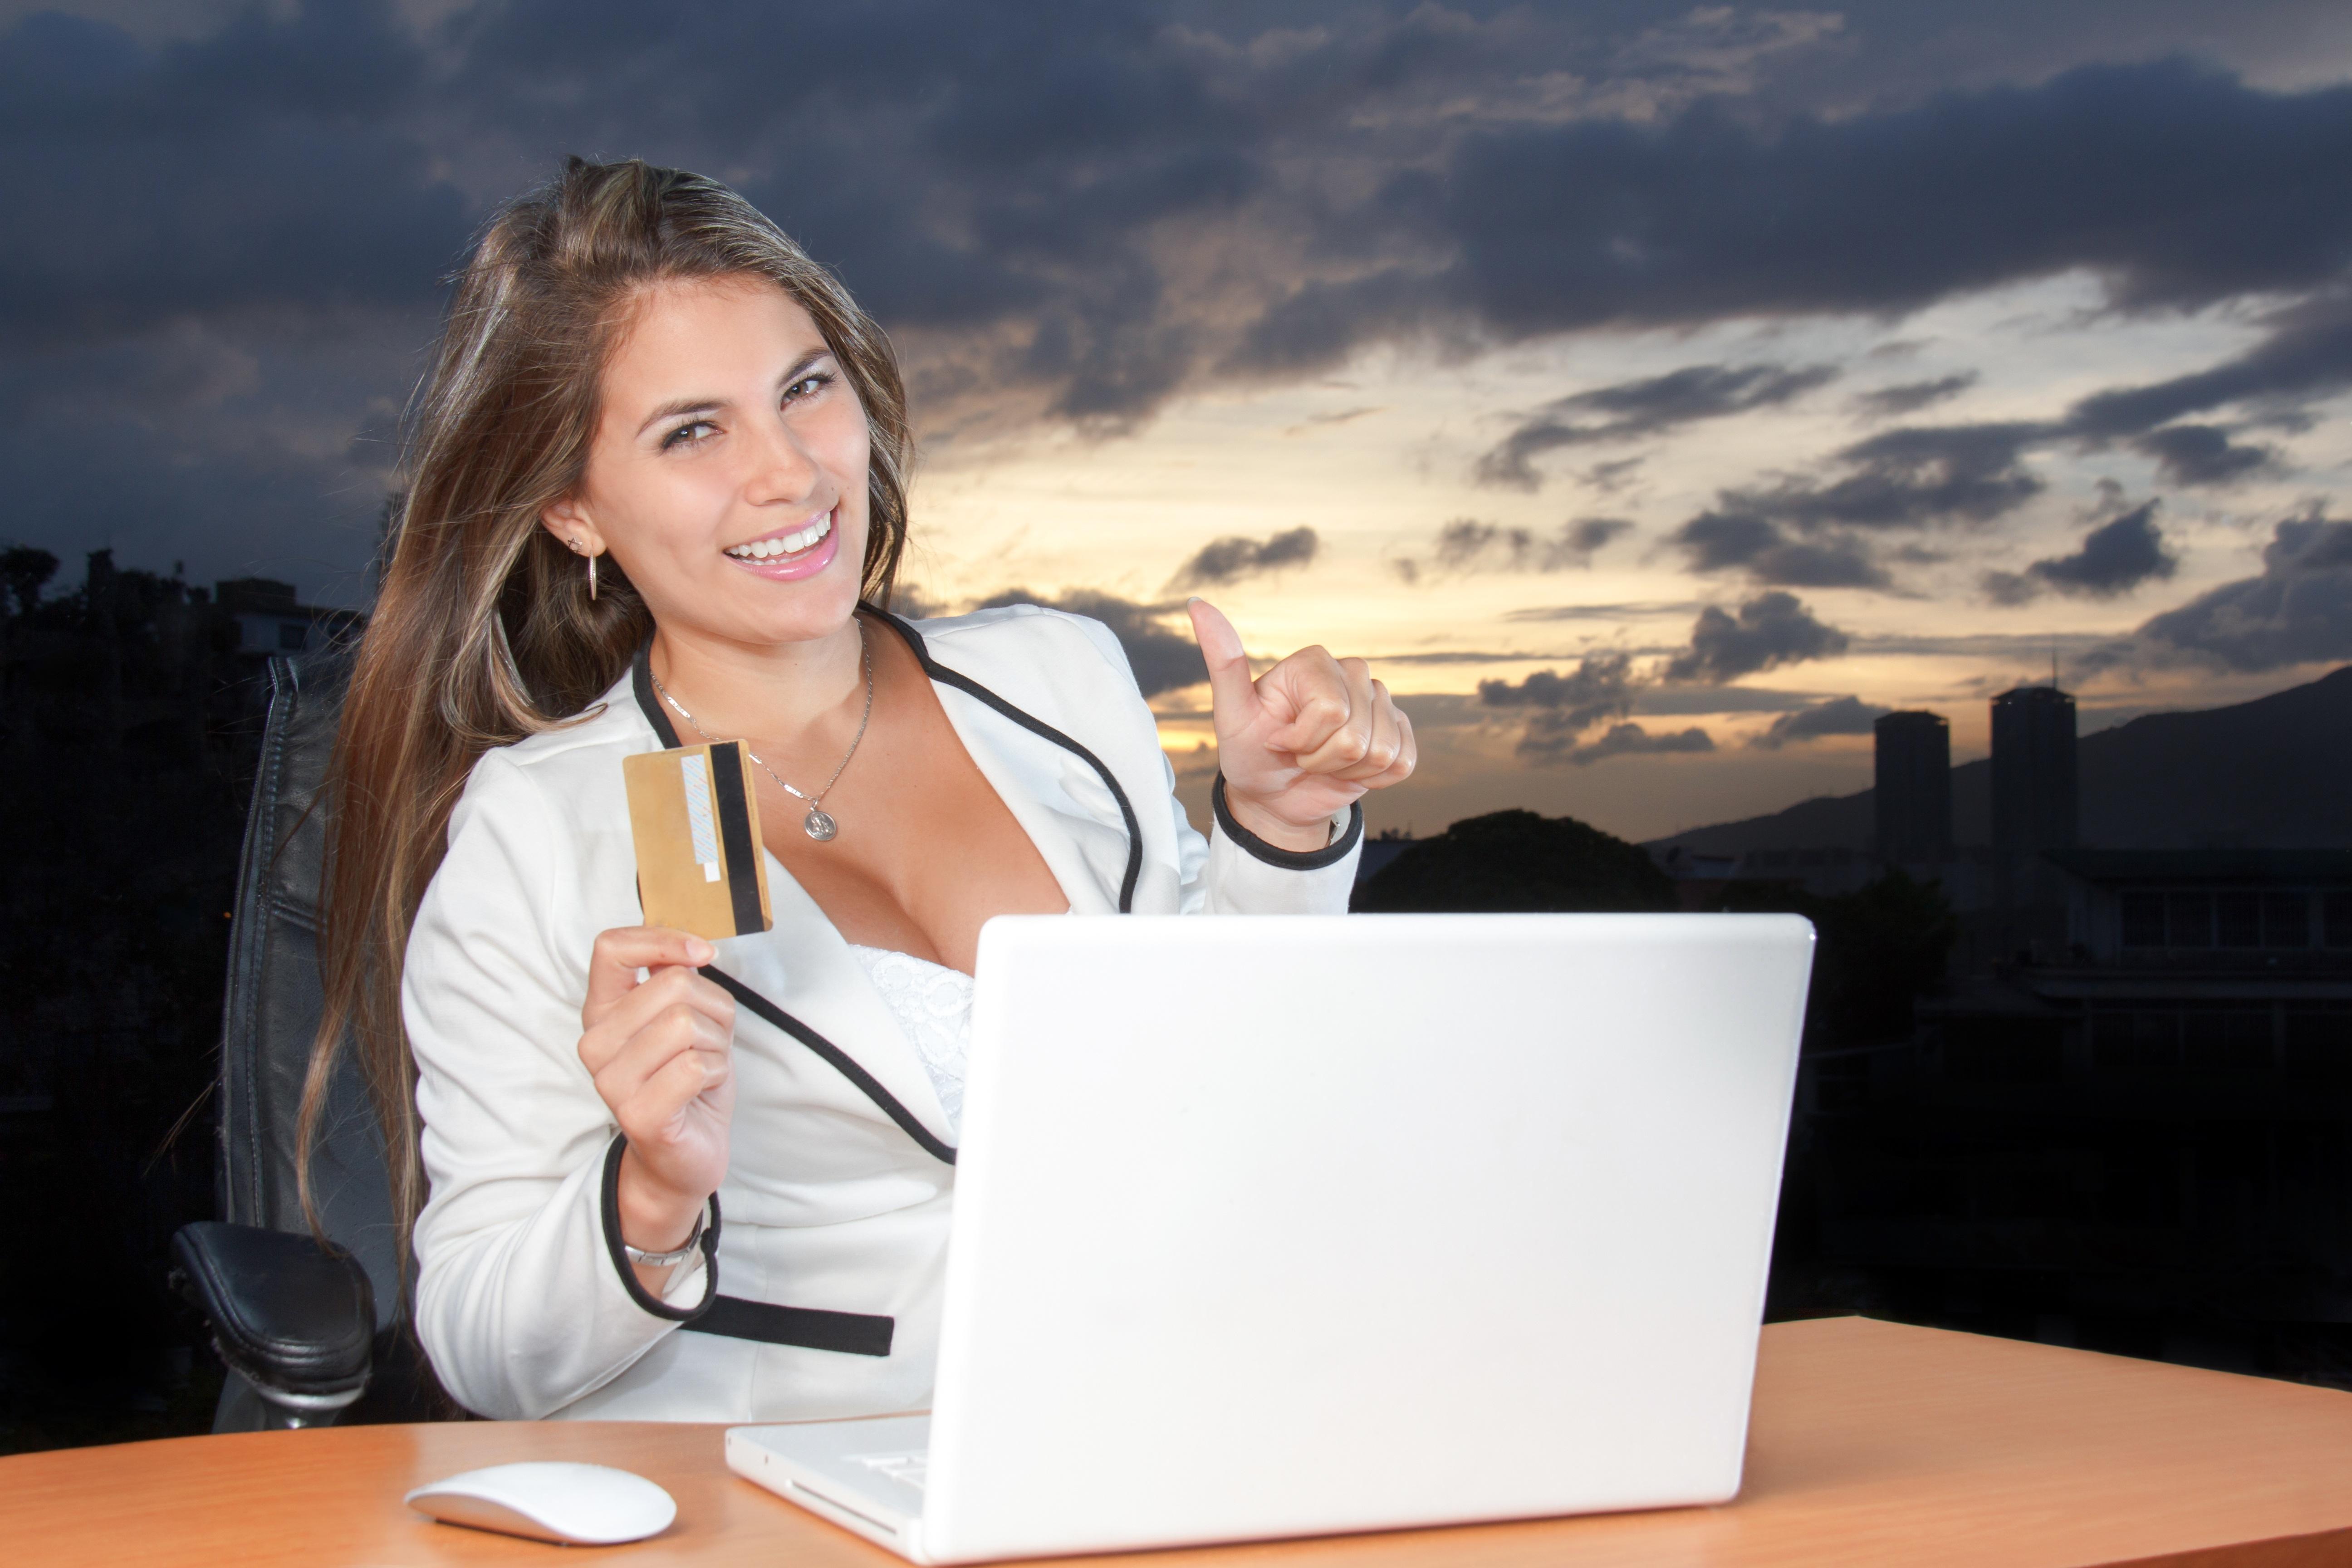 Картинки бизнес работа в интернете